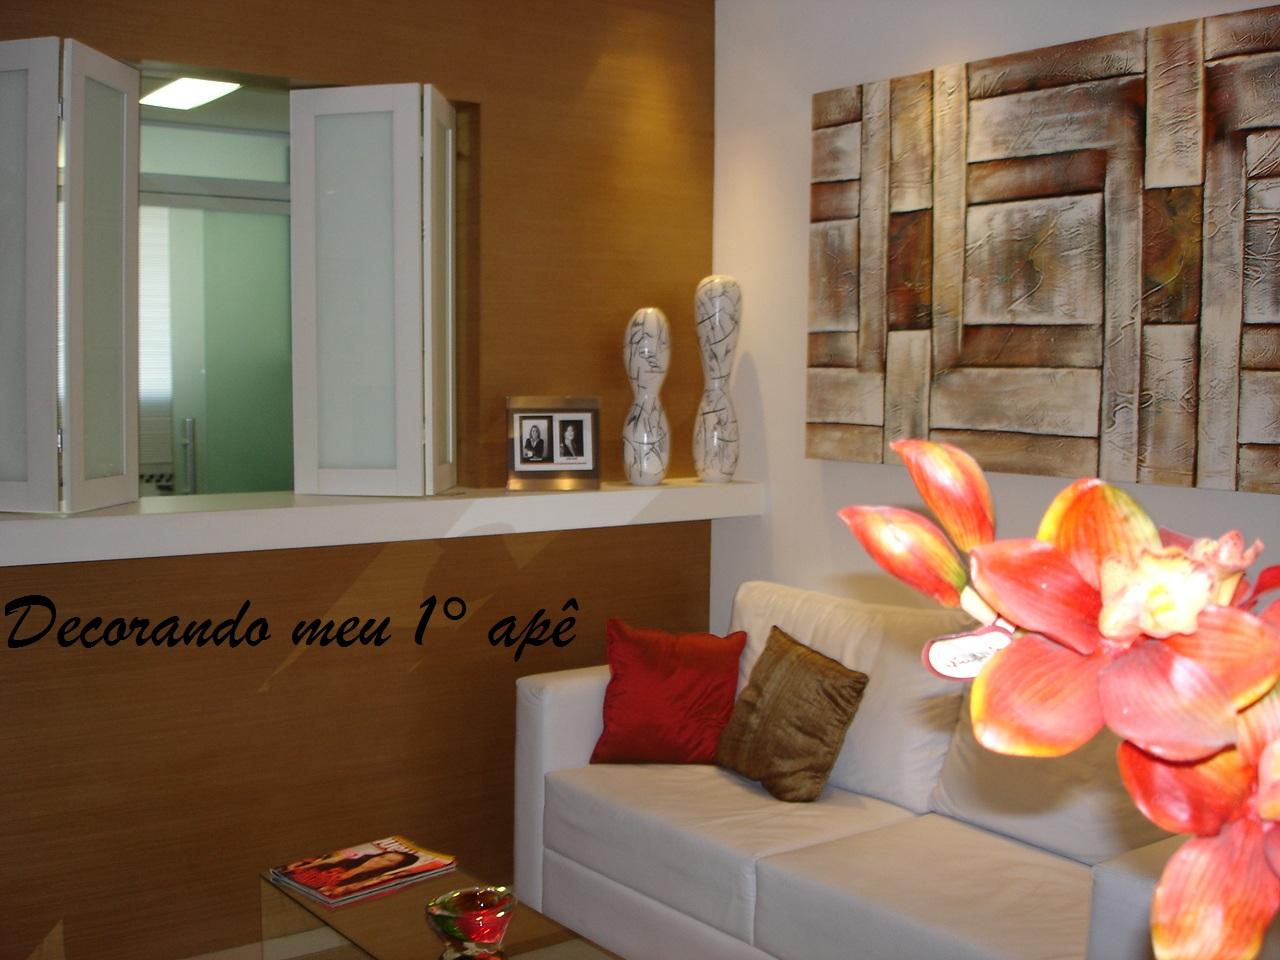 Decorando meu 1° apê: Show Room Apartamento decorado Parte III #BE440D 1280x960